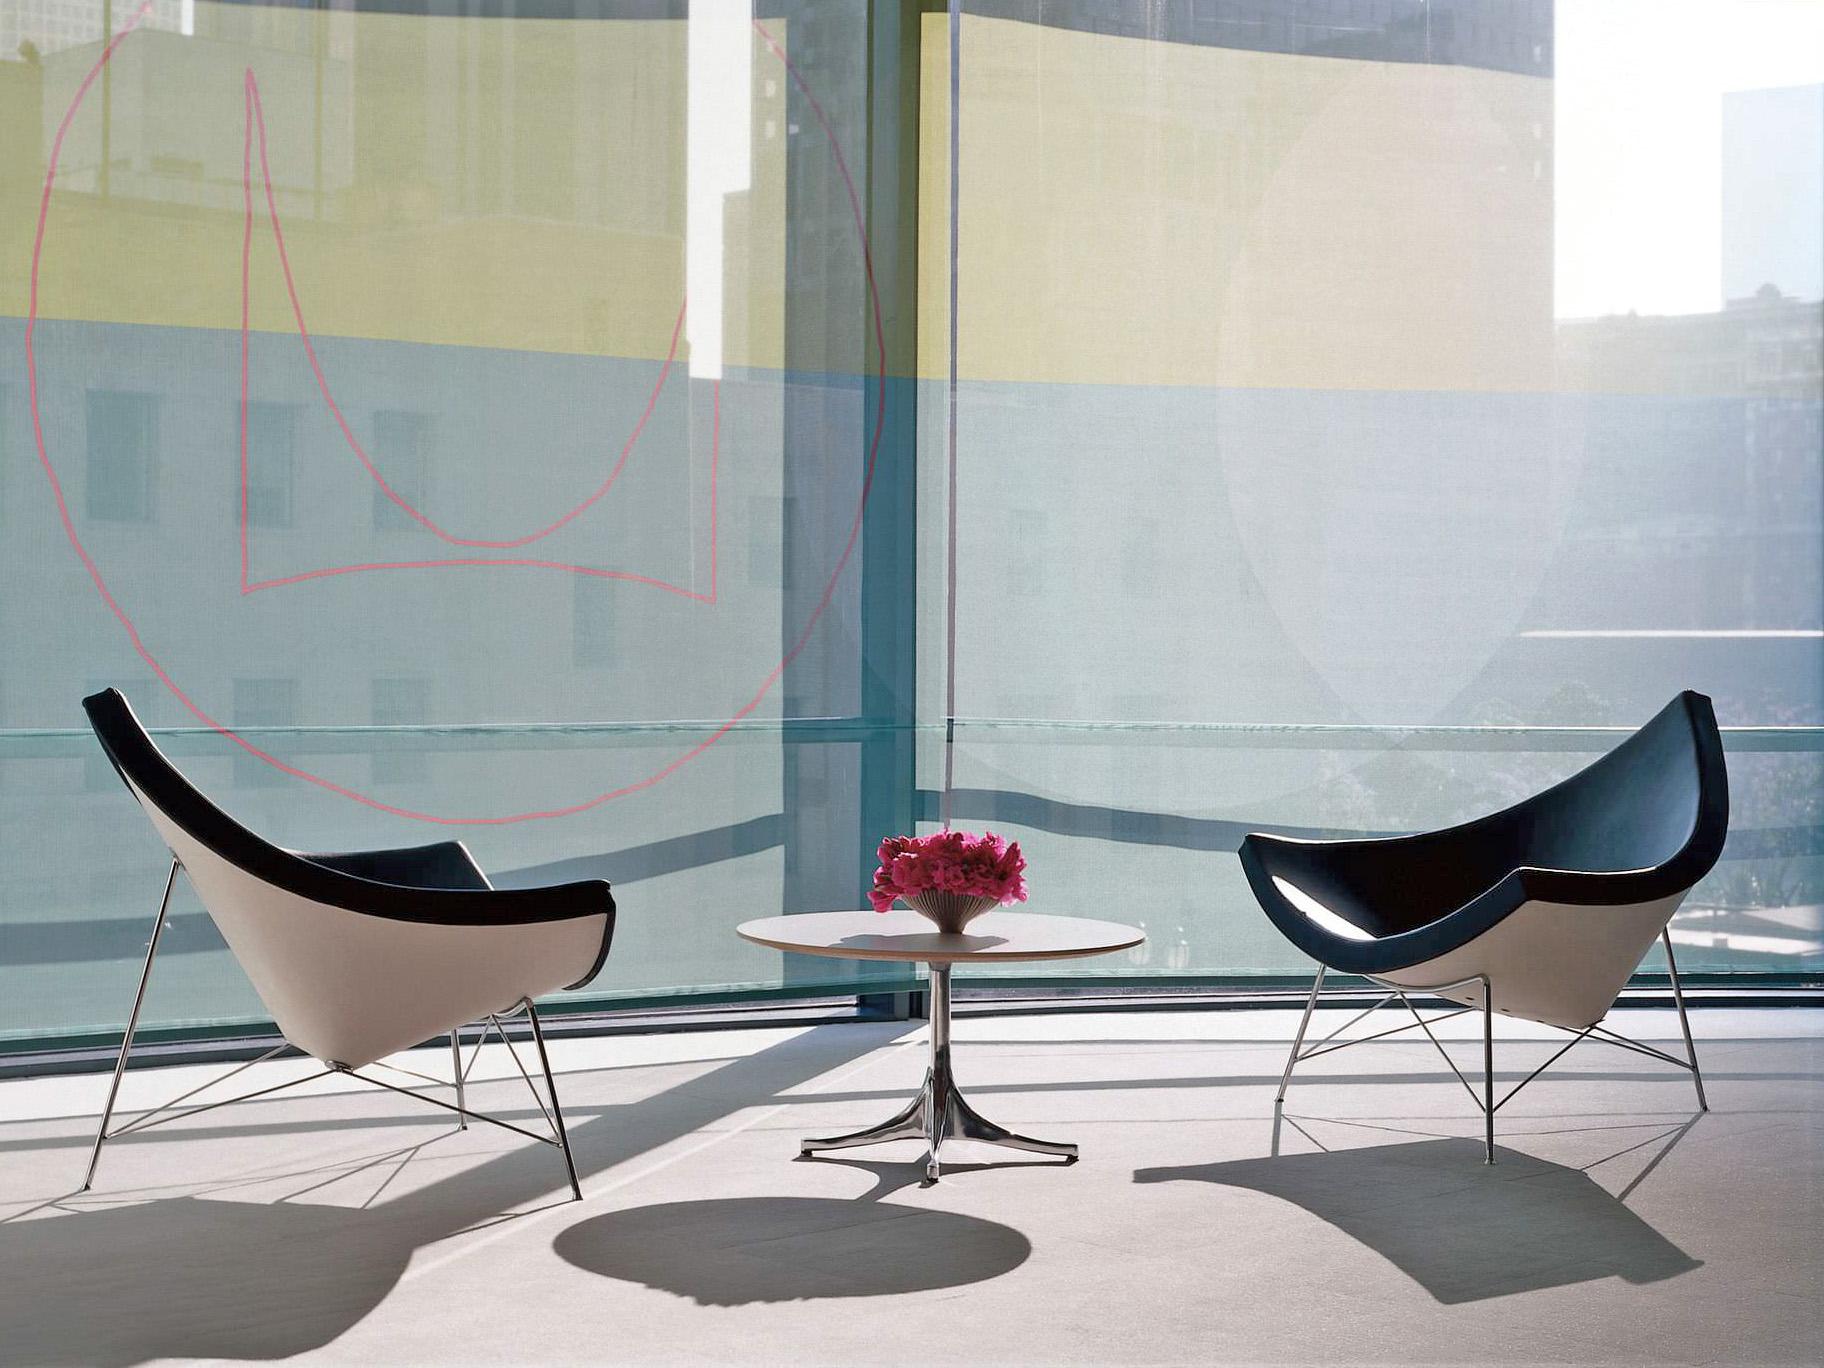 tous les bonnes adresses showrom meubles marseille les bonnes adresses tendances d co bons. Black Bedroom Furniture Sets. Home Design Ideas